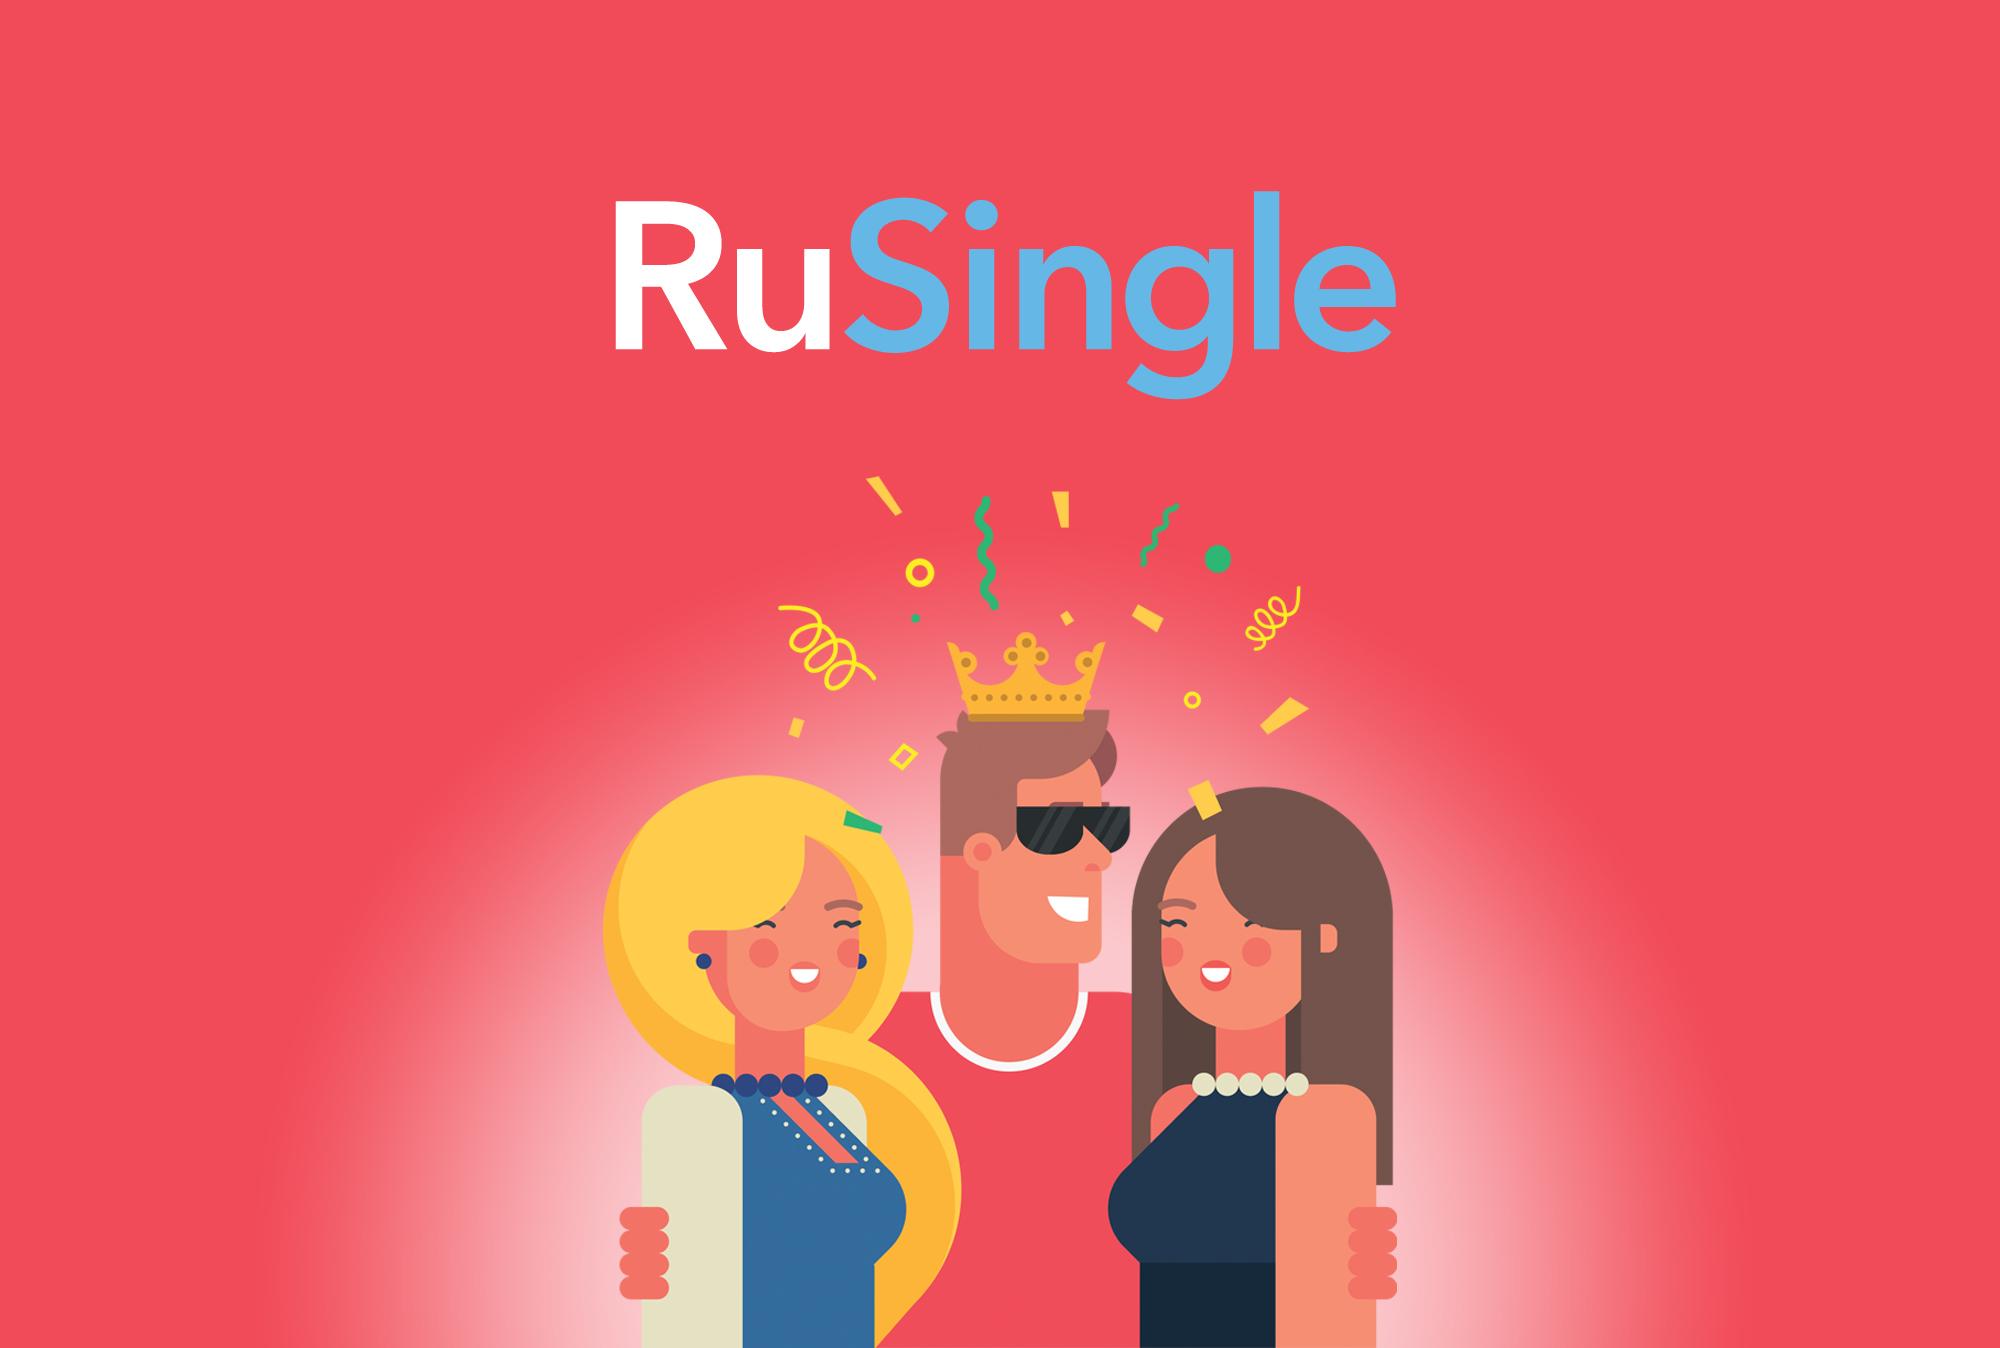 RuSingle